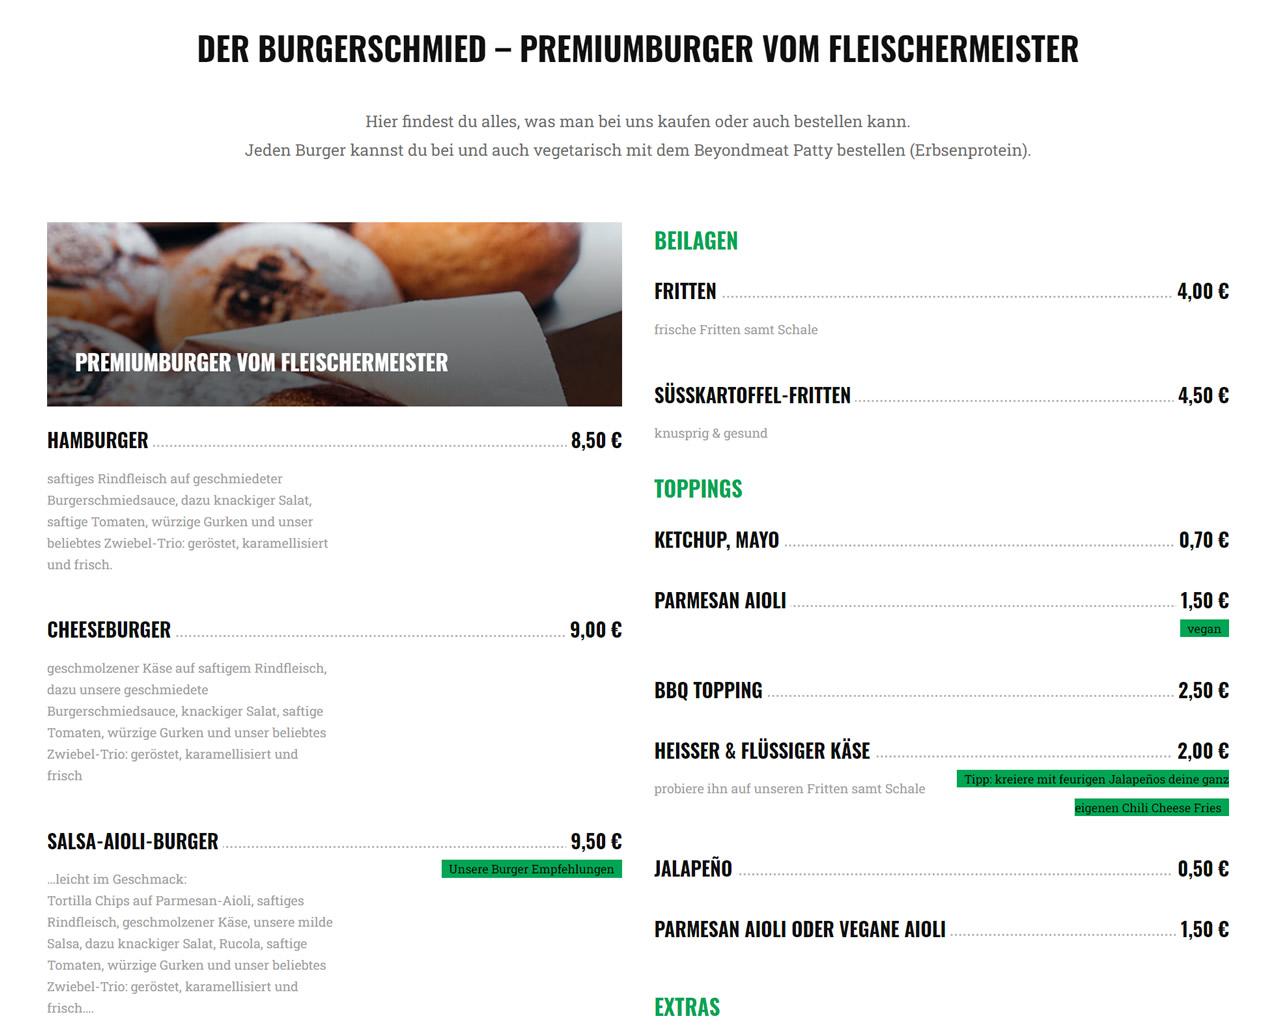 Burger Grill & Lieferservice mieten für 31708 Ahnsen, Bückeburg, Luhden, Buchholz, Bad Eilsen, Heeßen, Obernkirchen oder Seggebruch, Nienstädt, Helpsen